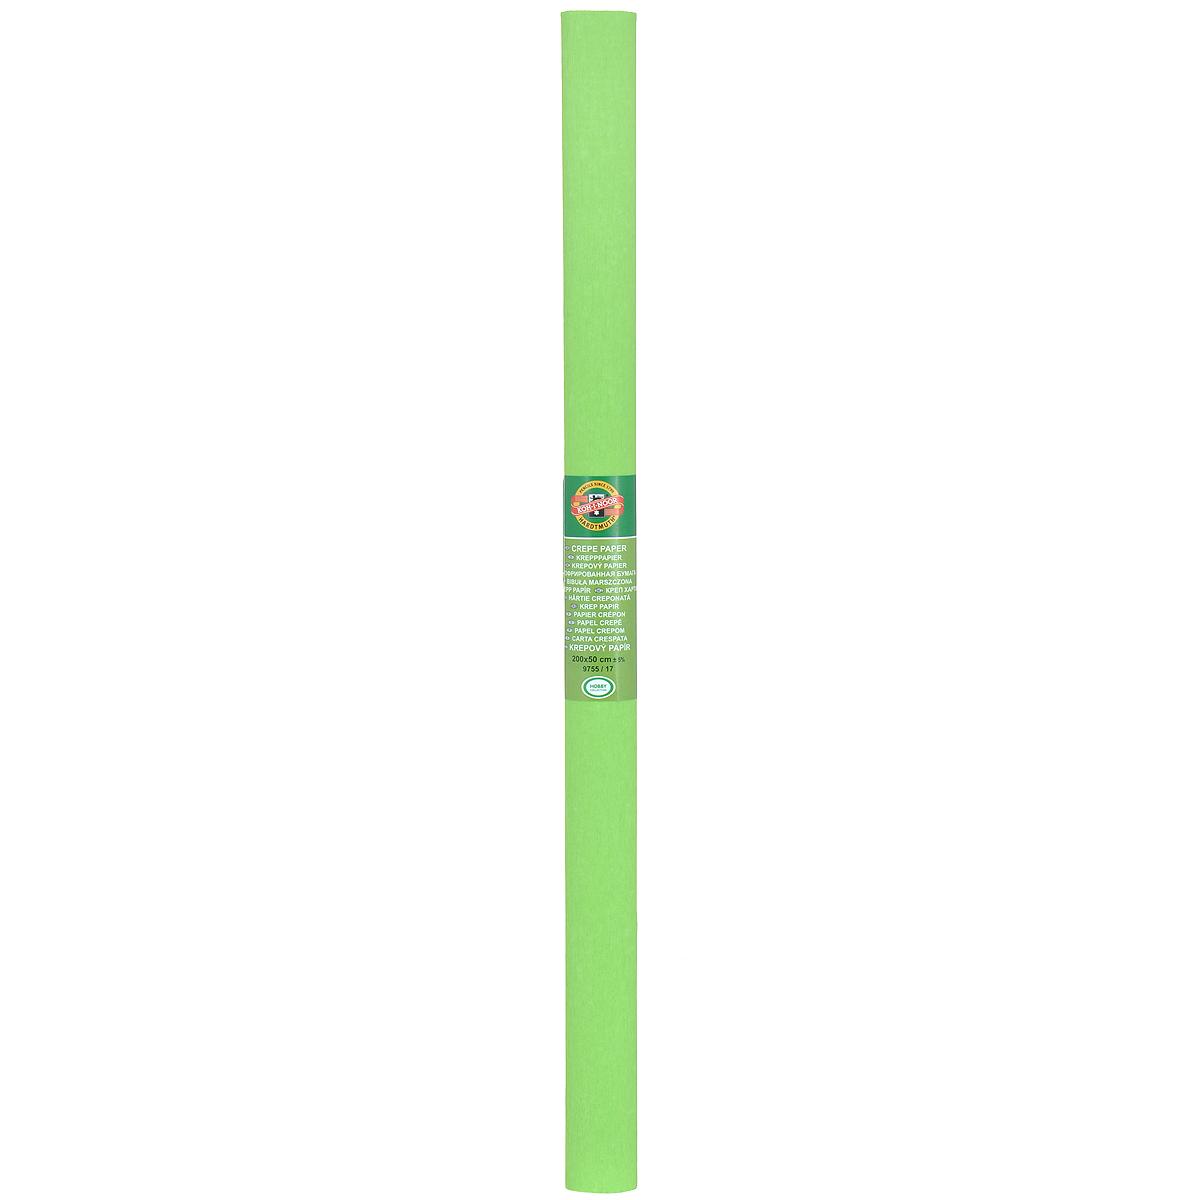 """Бумага гофрированная """"Koh-I-Noor"""", цвет: светло-зеленый, 50 см x 2 м"""